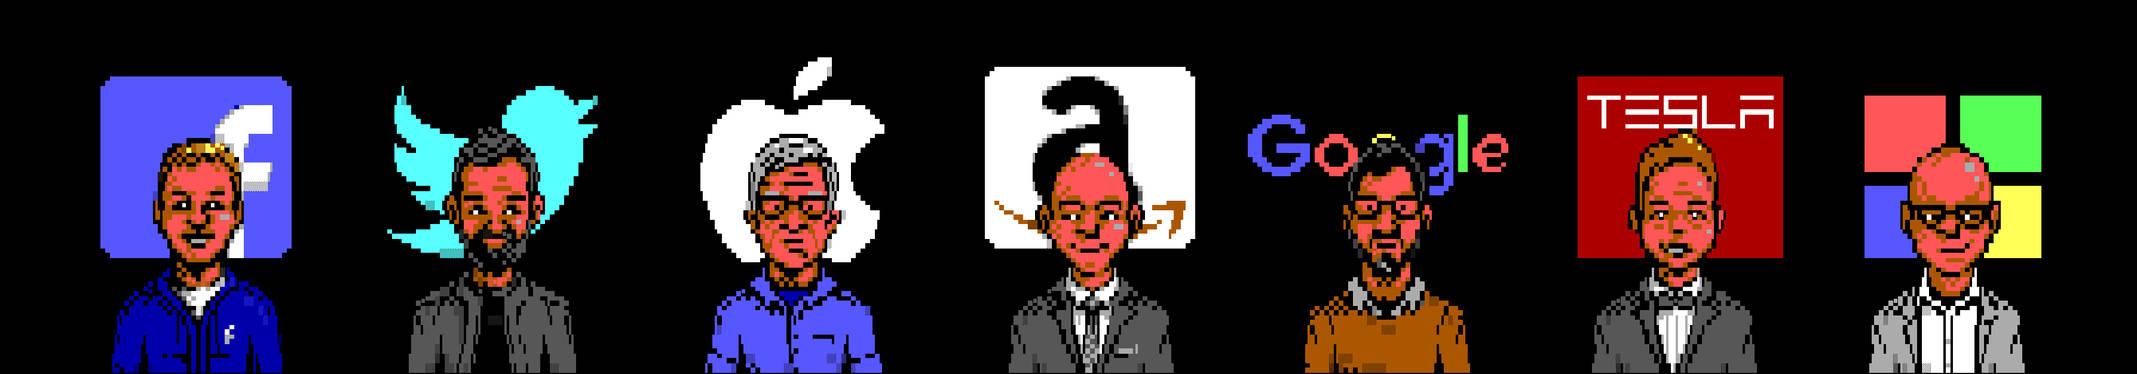 8-bit Tech CEOs Portraits